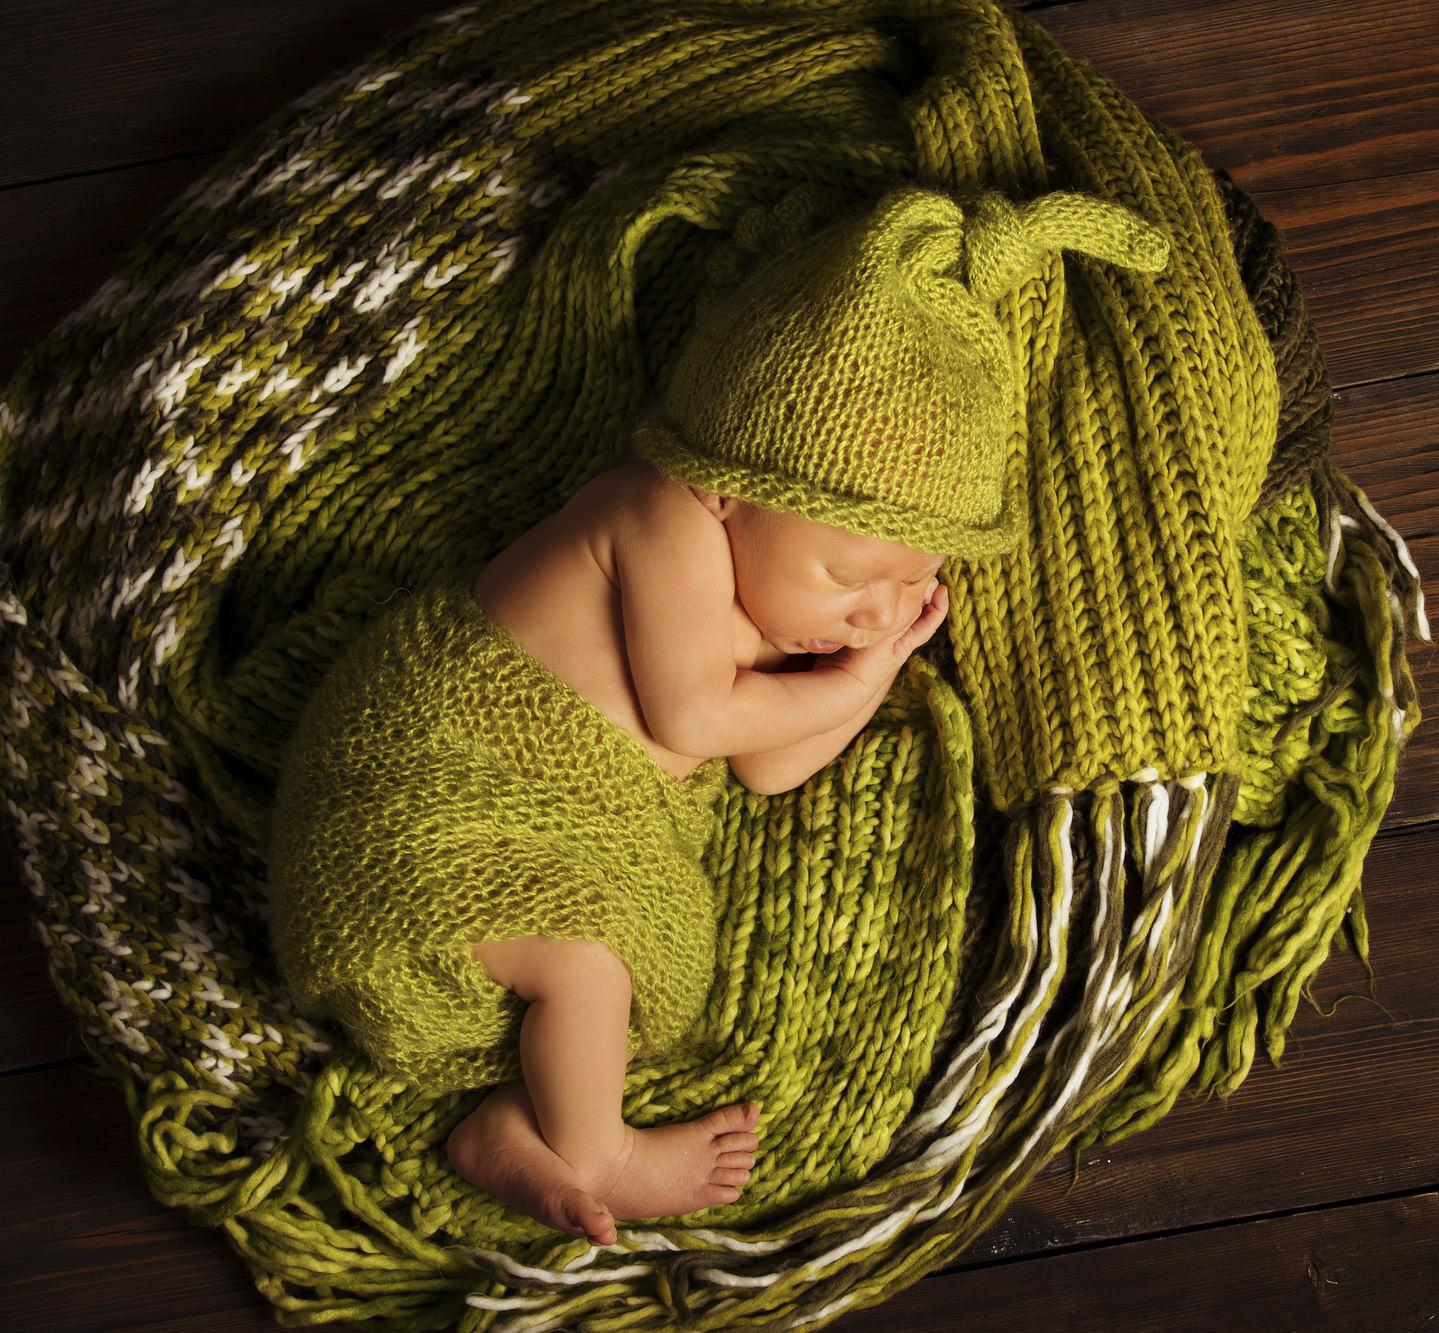 Fotografia di neonati: 3 pose con le quali non puoi sbagliare